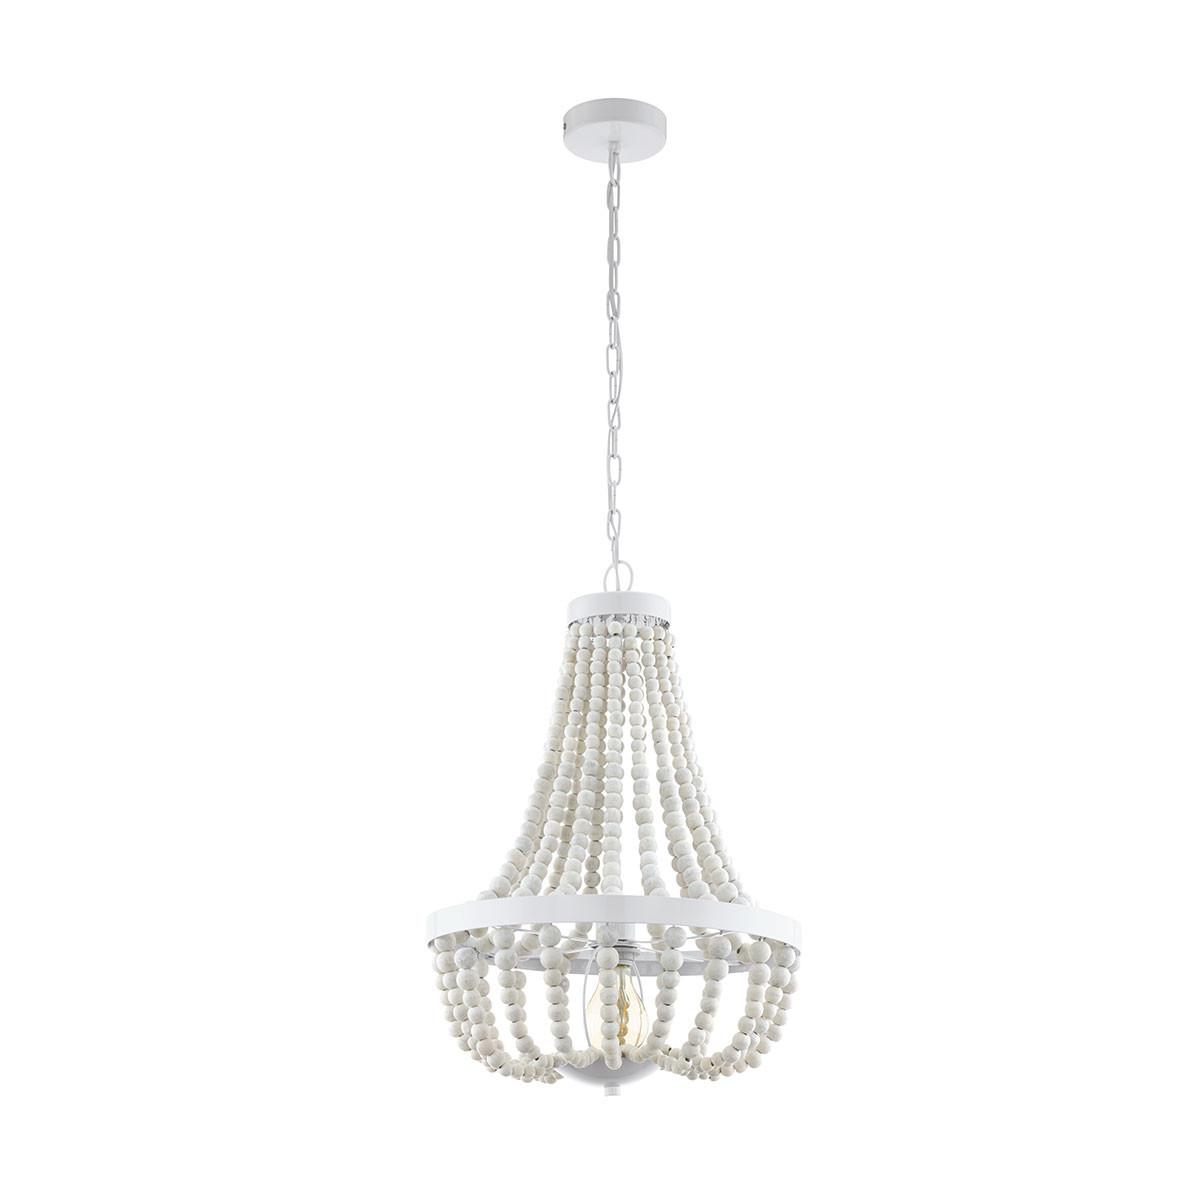 Φωτιστικό Οροφής Μονόφωτο Eglo Barrhill 49607